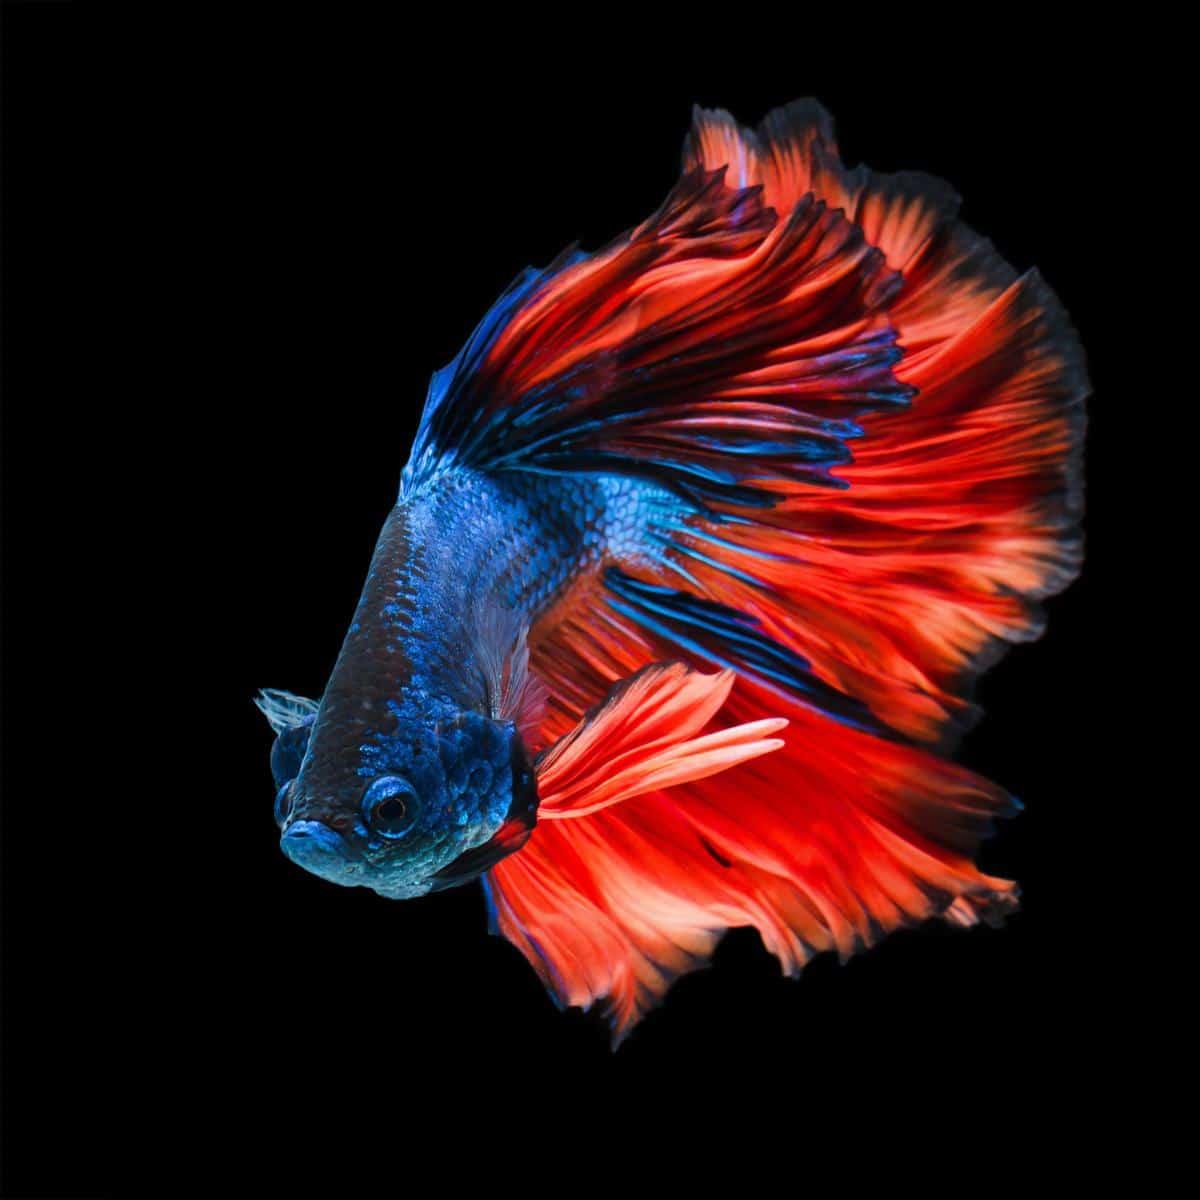 betta fish flaring the gills